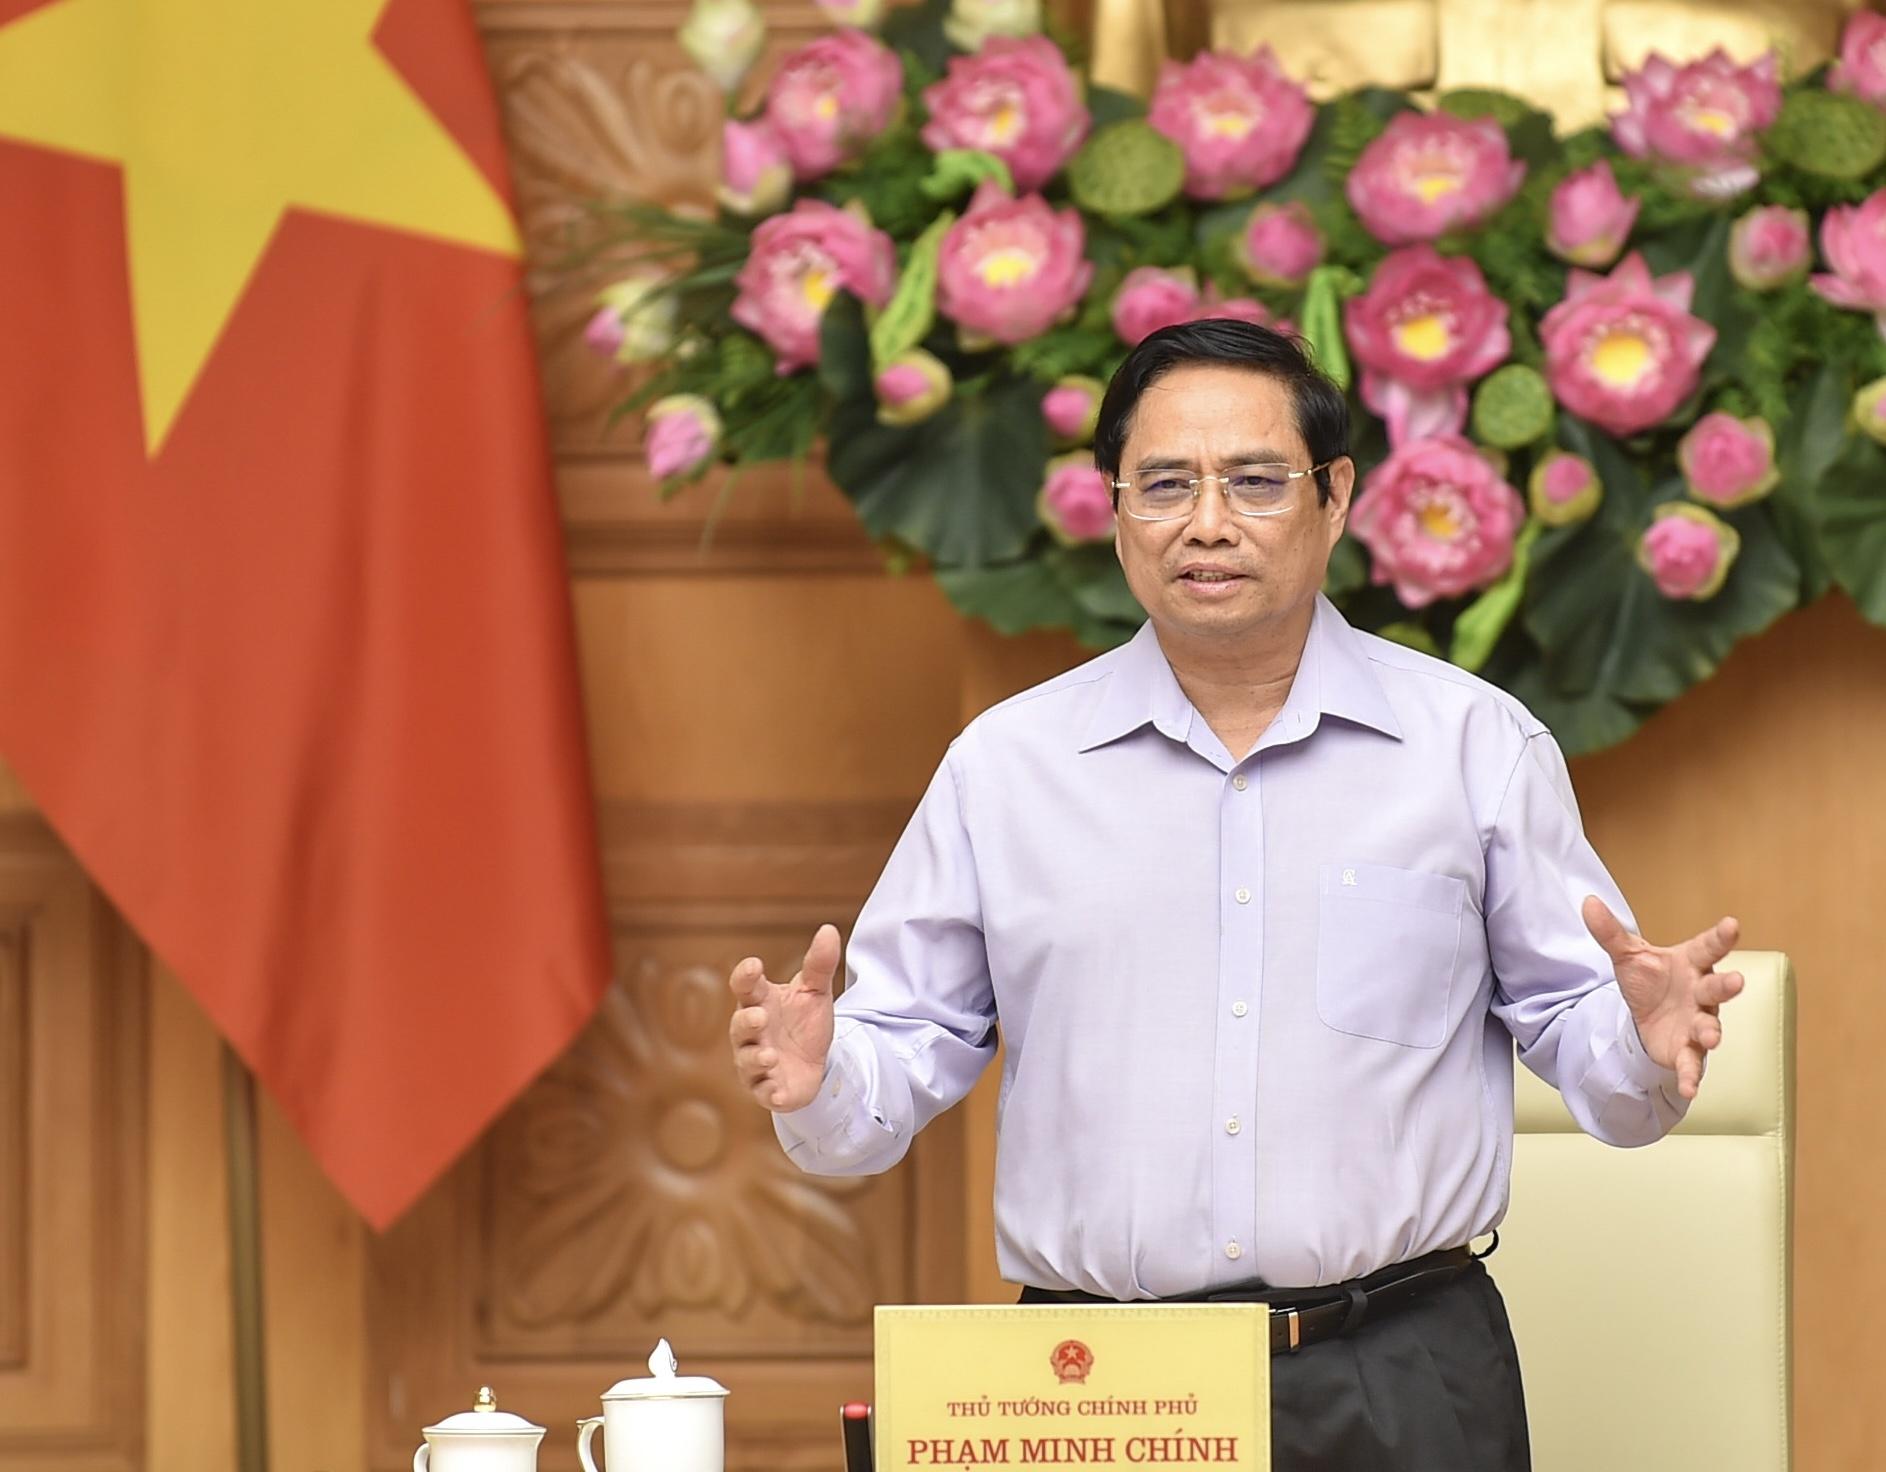 chinh phu cau thi lang nghe dong hanh ho tro doanh nghiep vuot qua kho khan